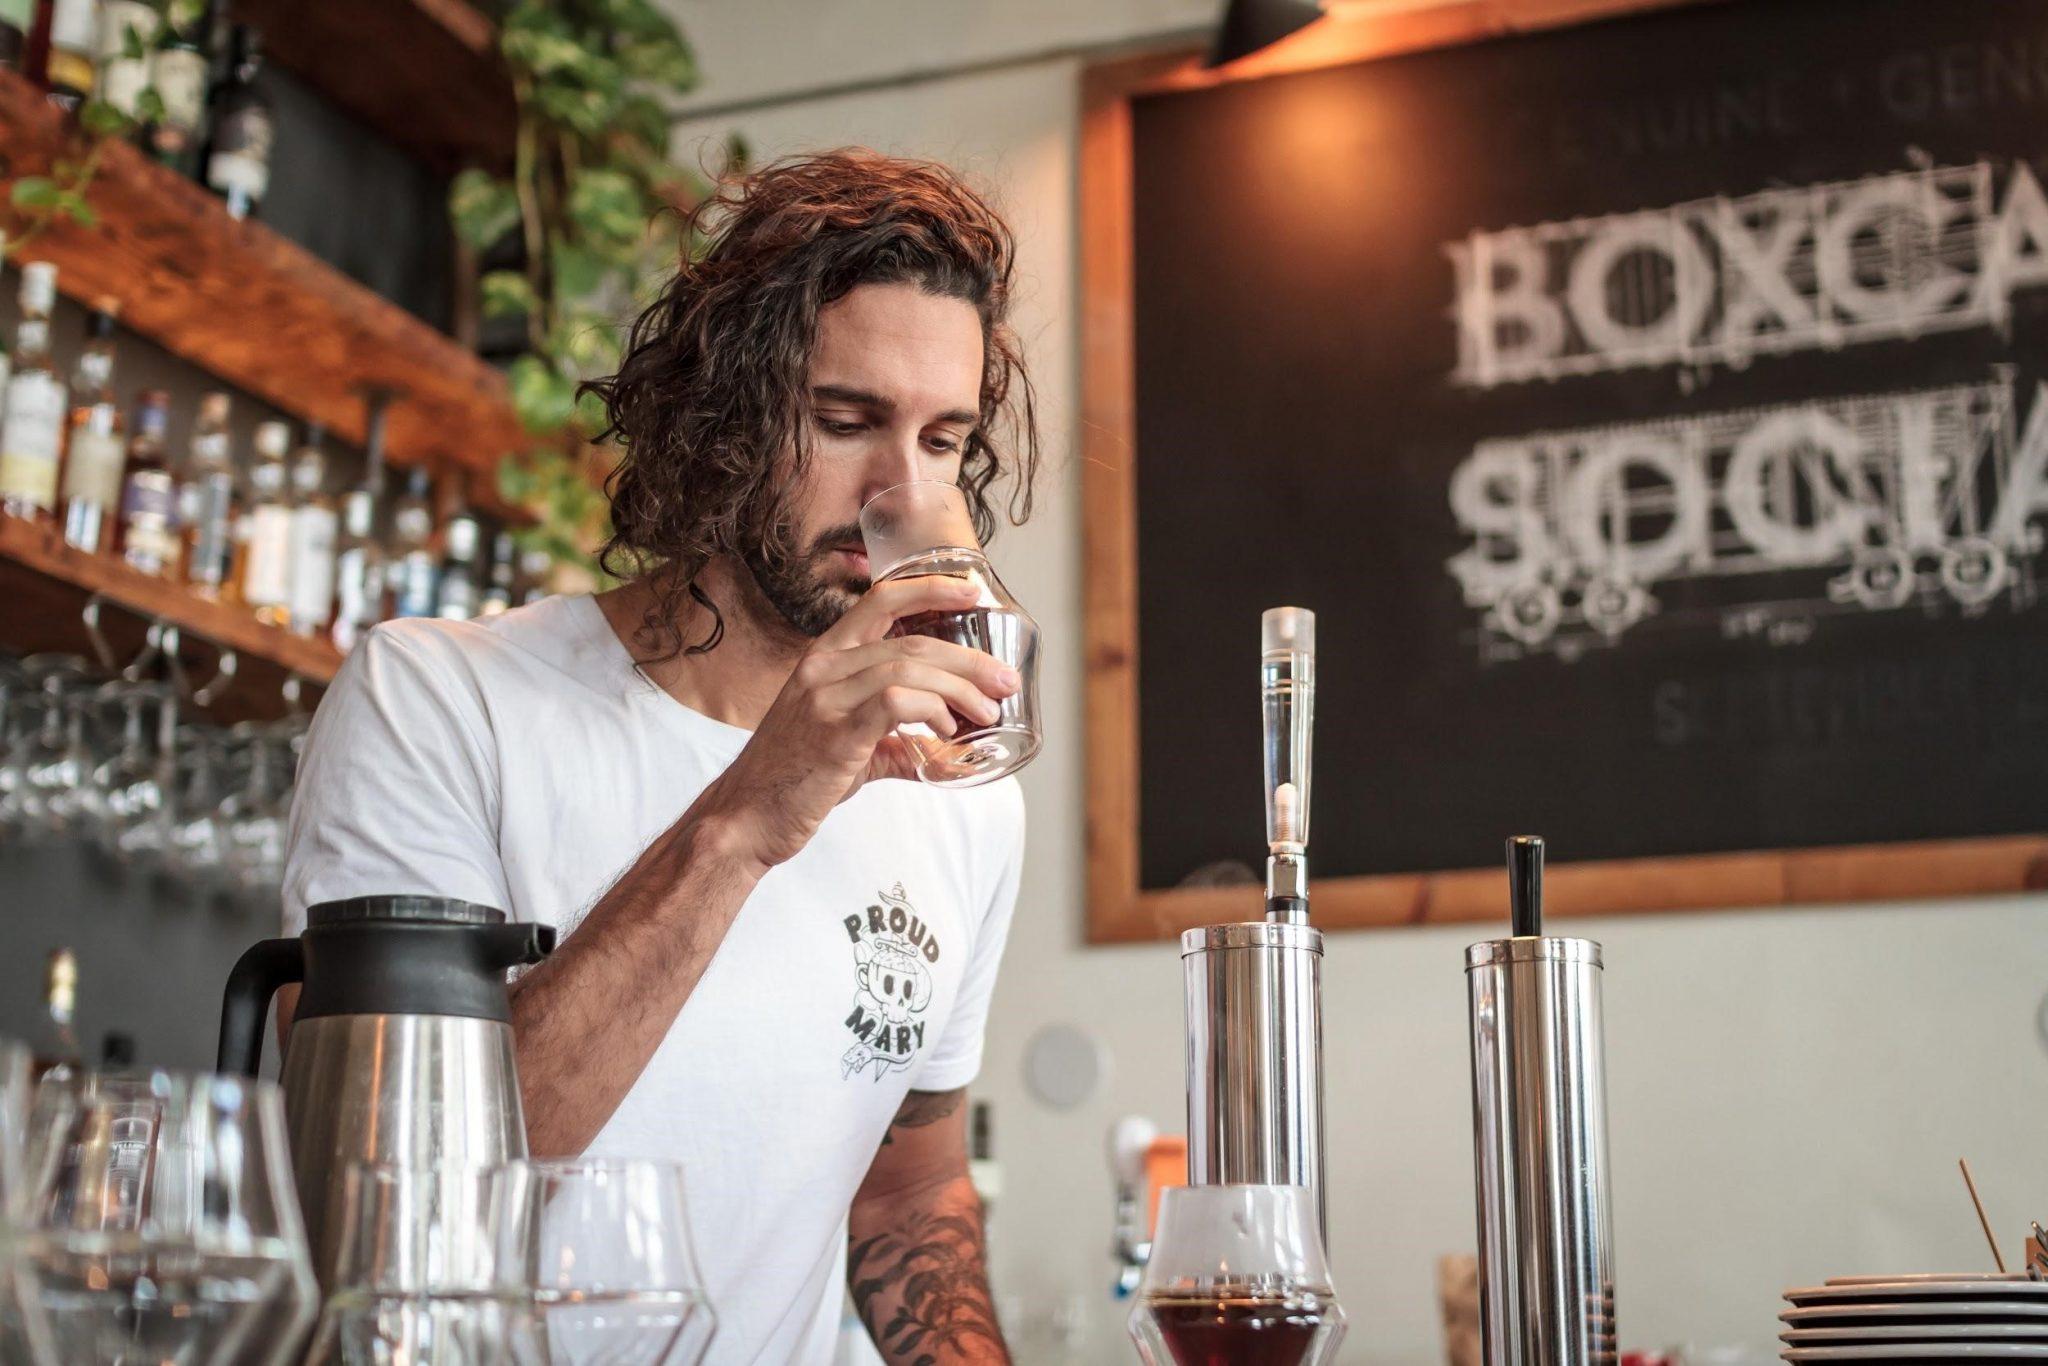 barista persiviendo olores del cafe